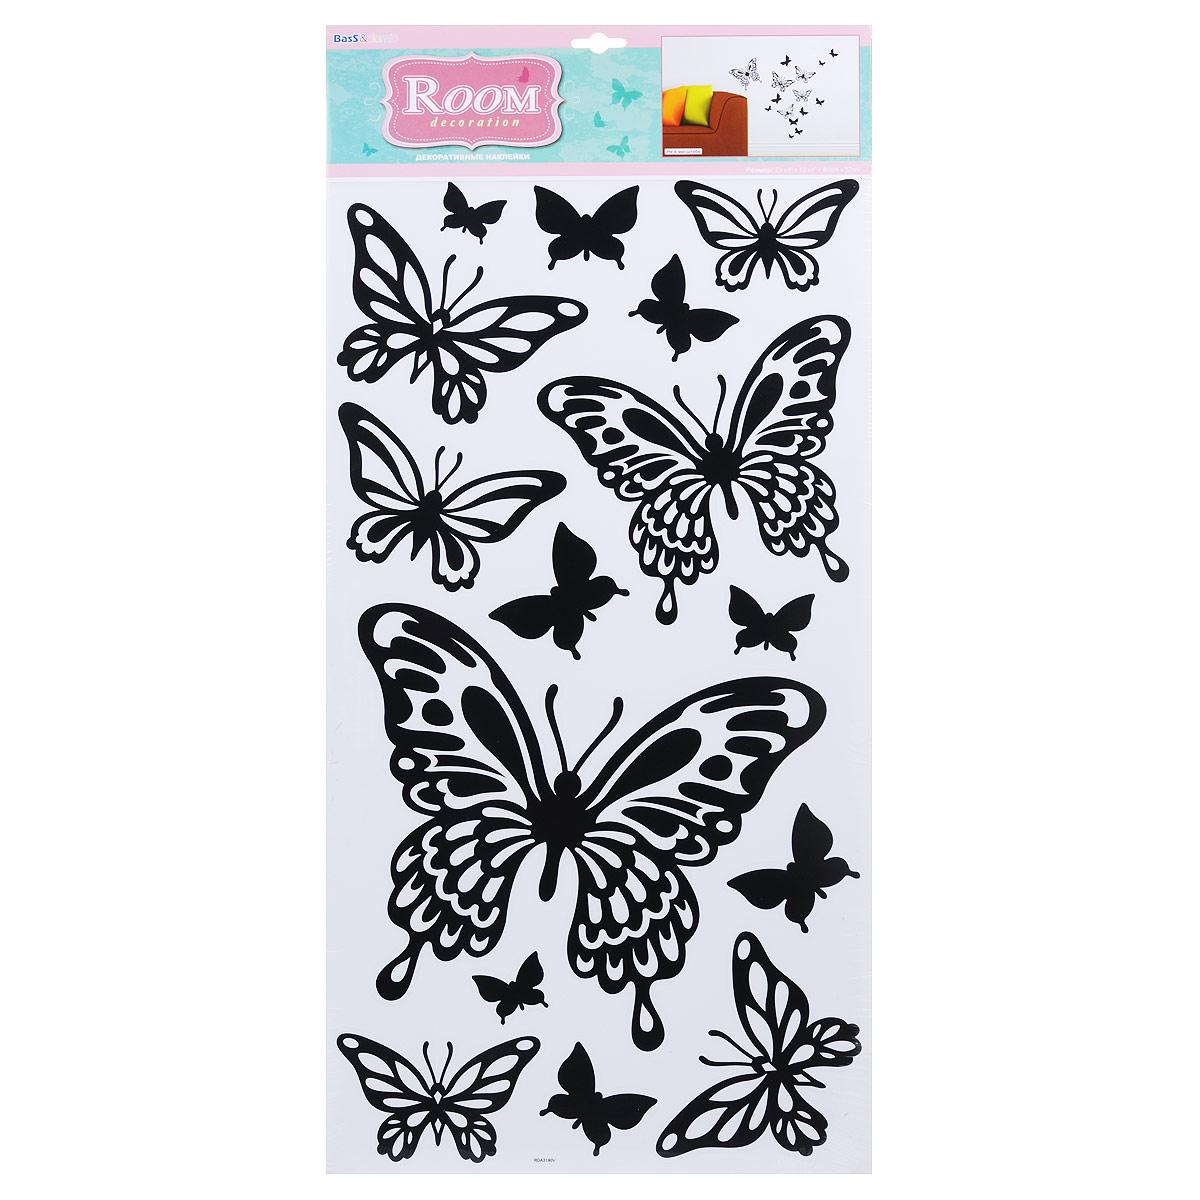 Наклейки для интерьера Room Decoration Бабочки черные, 60 х 32 см наклейки для интерьера room decoration кокетка со стразами 50 х 32 см